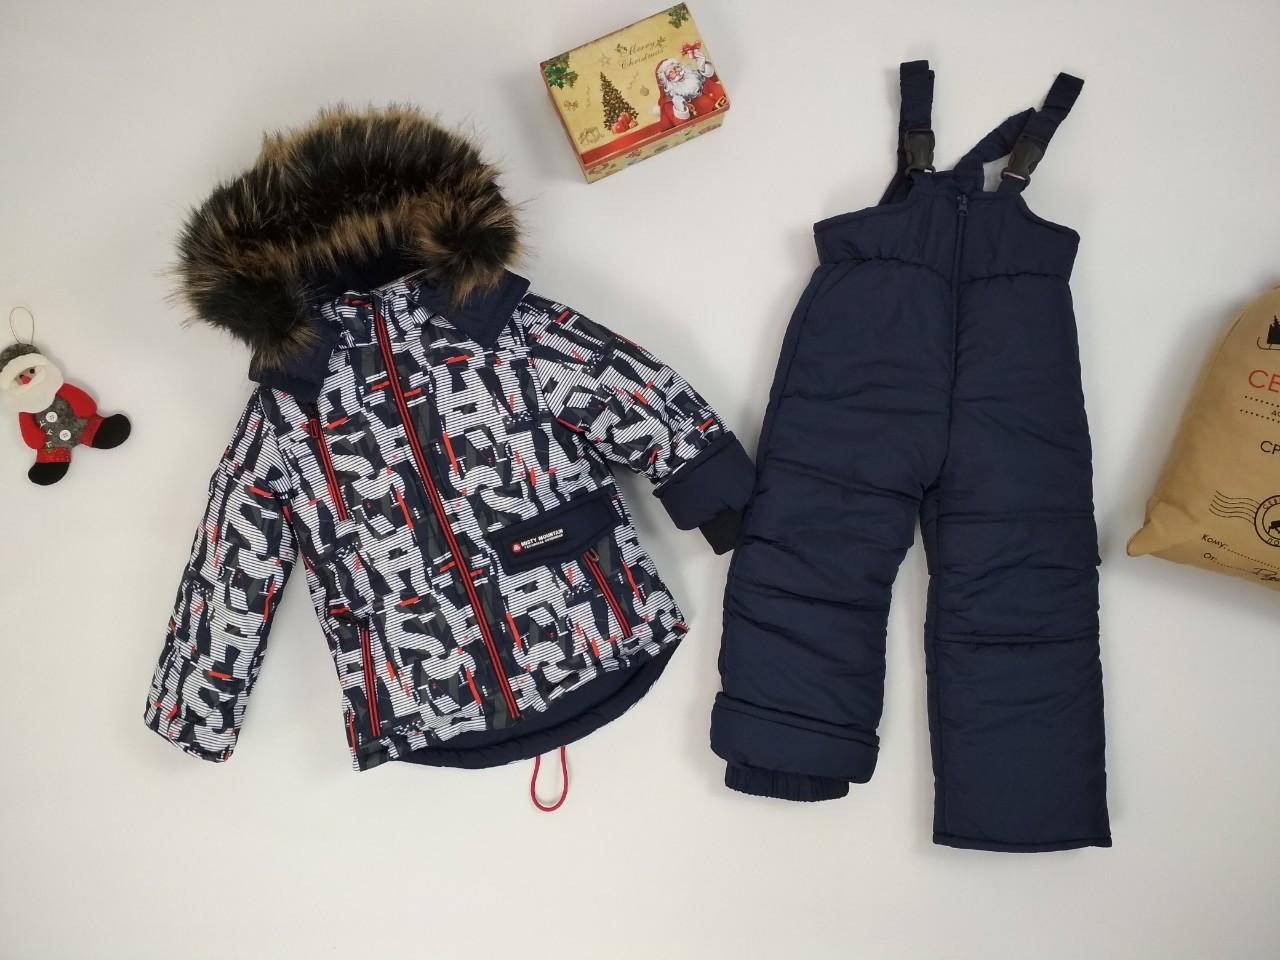 Зимний полукомбинезон и куртка с абстрактным принтом для мальчика 86-116 р